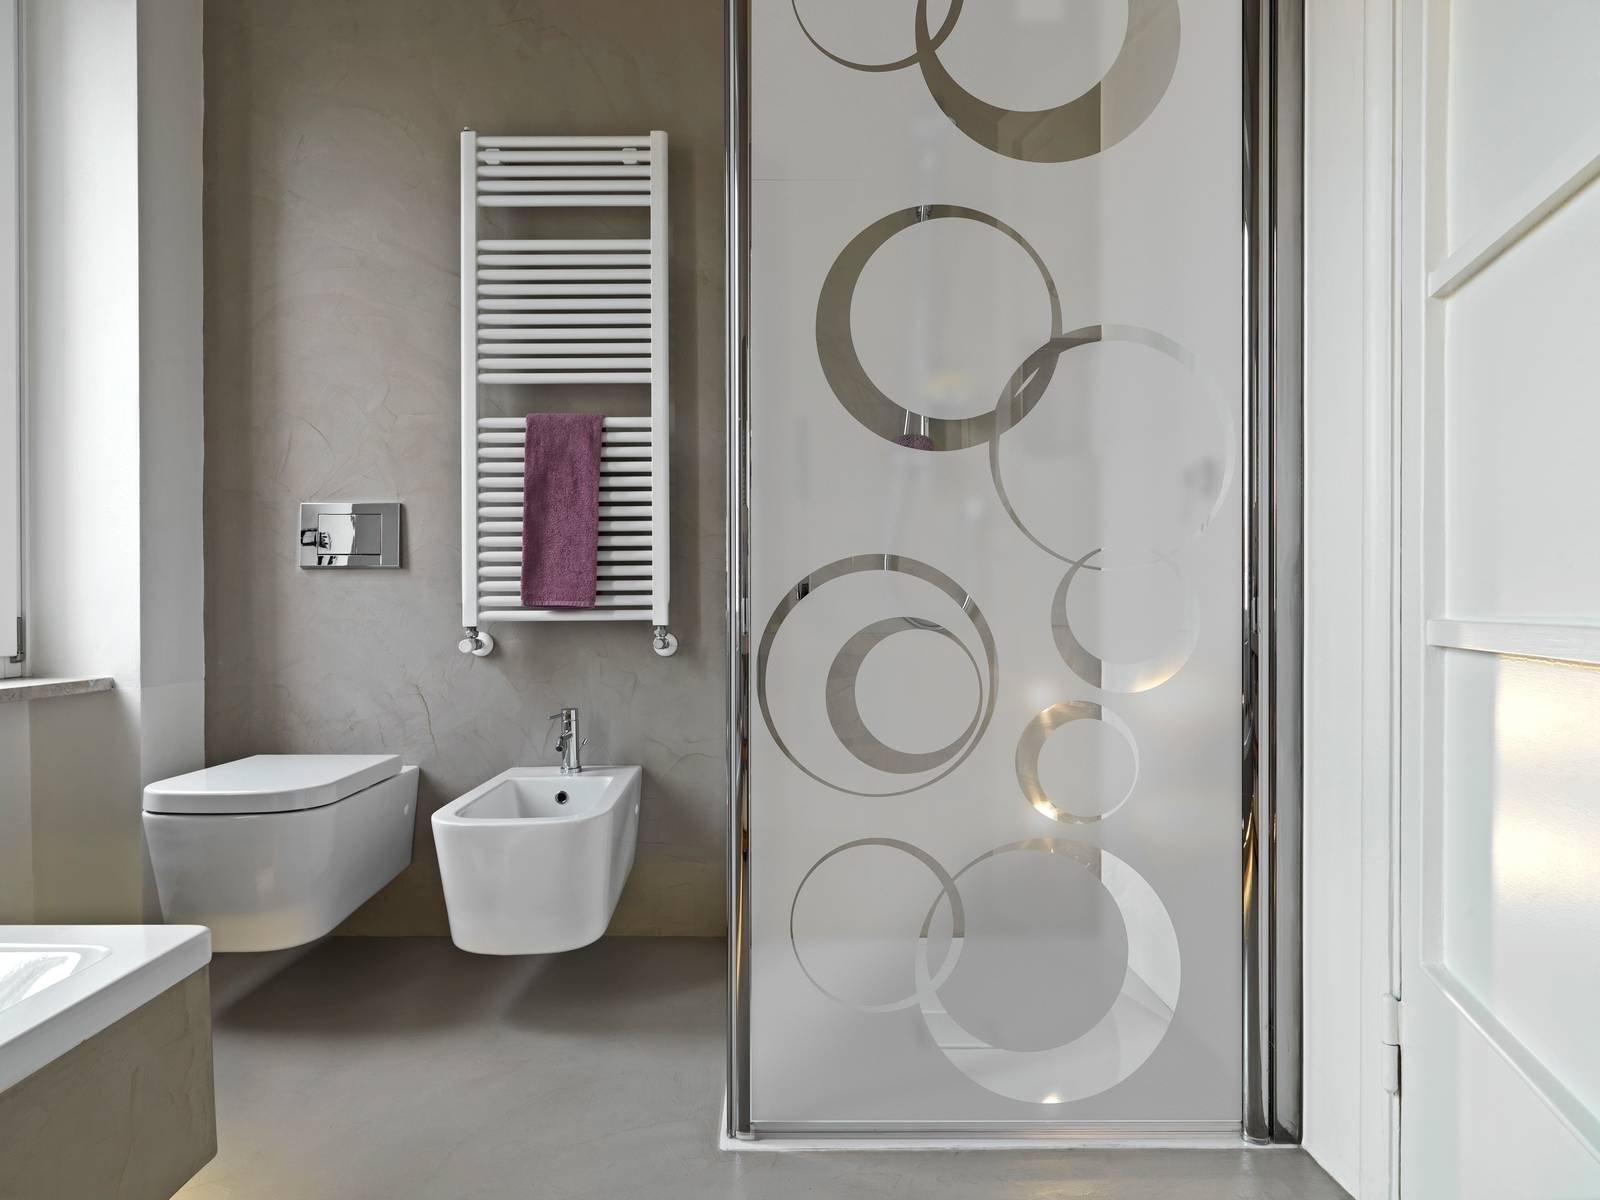 Adesivi per piastrelle doccia installare piatti doccia